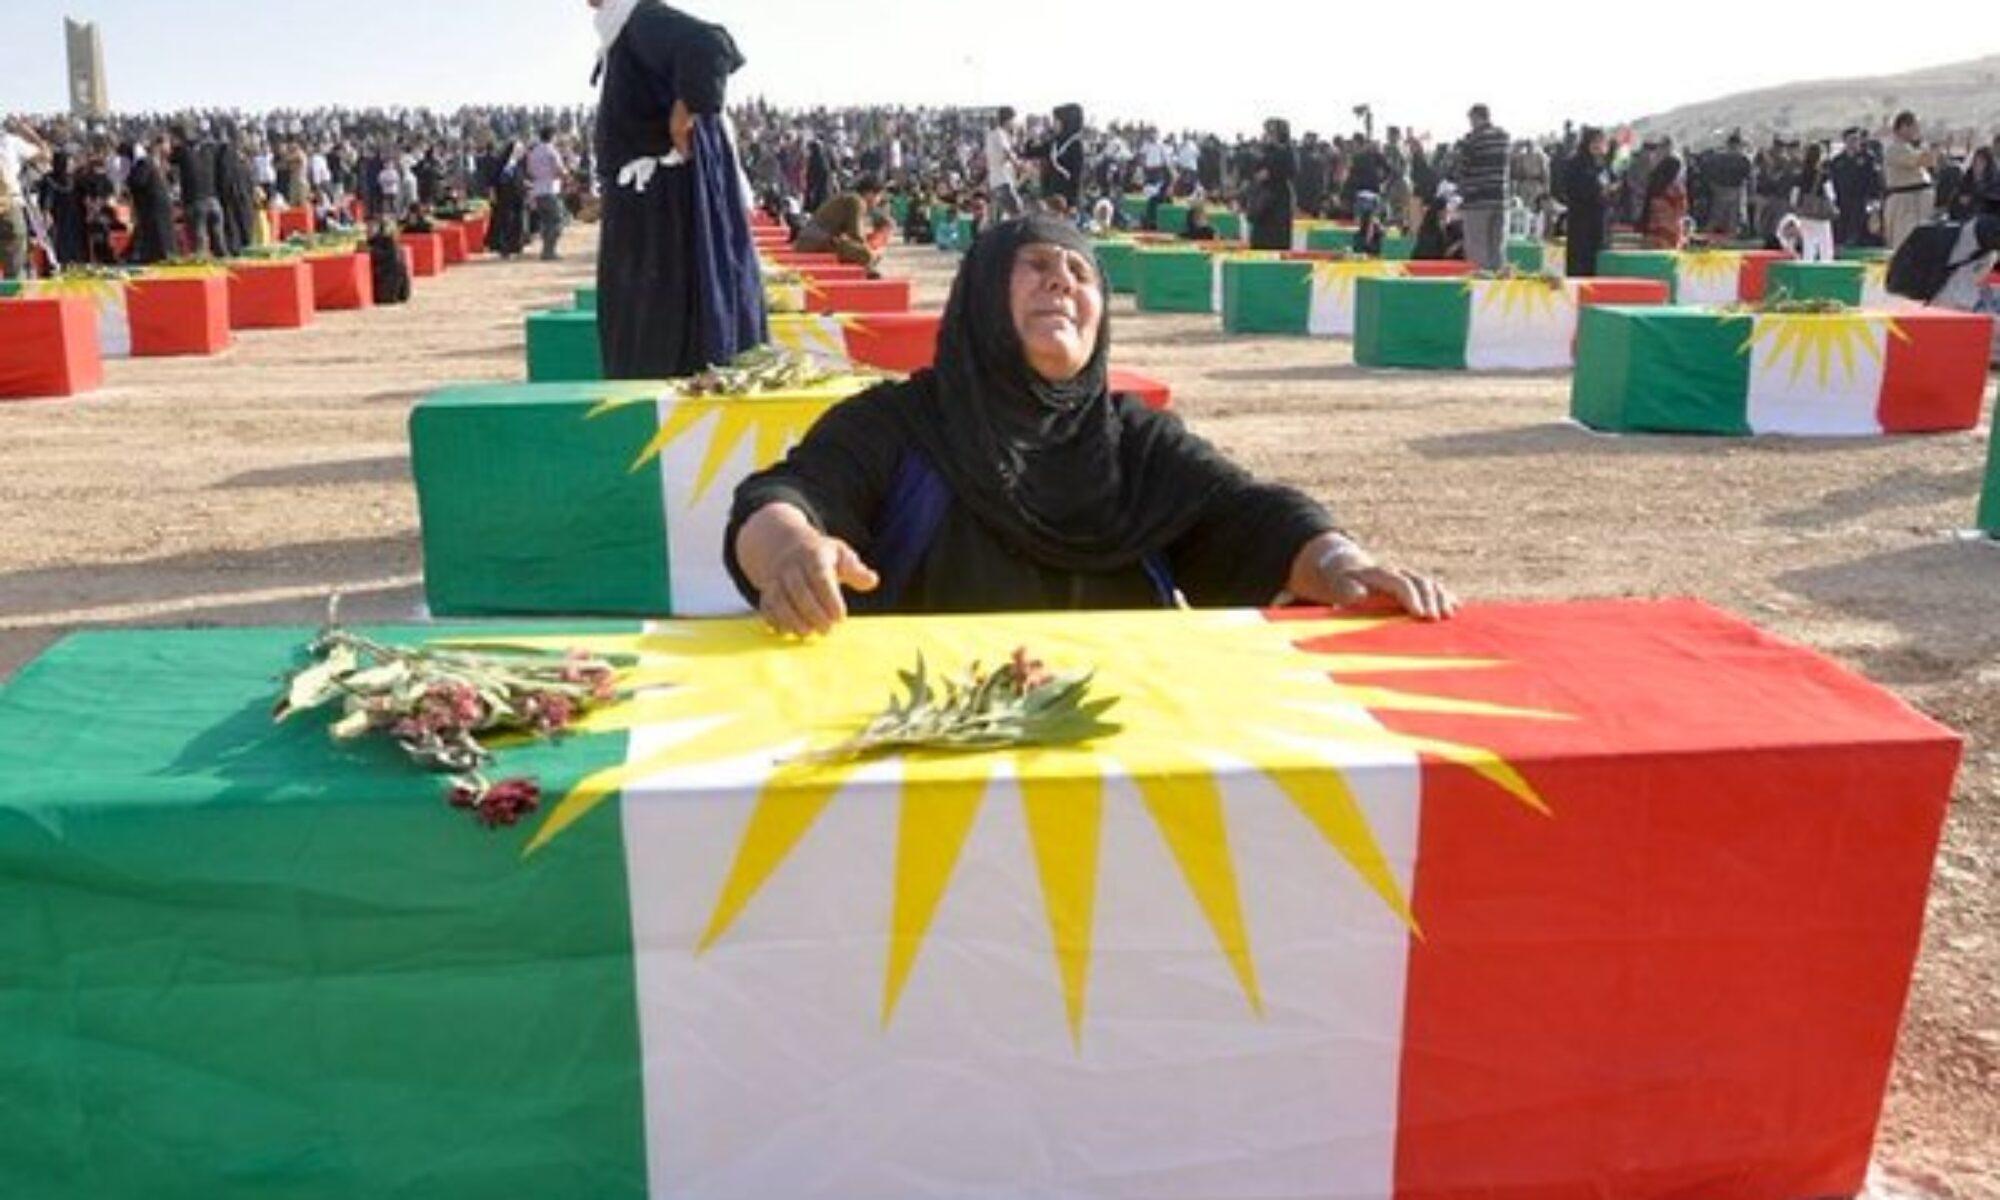 Bu gün Kürt tarihin en acı sayfalarından Enfal'in 33'üncü yıl dönümü Saddam, Ali Kimyevi, Germiyan, Baas, Kuran Behdinan, cefayeti, Rewanduz, Qaladize, Ranya, Germiyan,